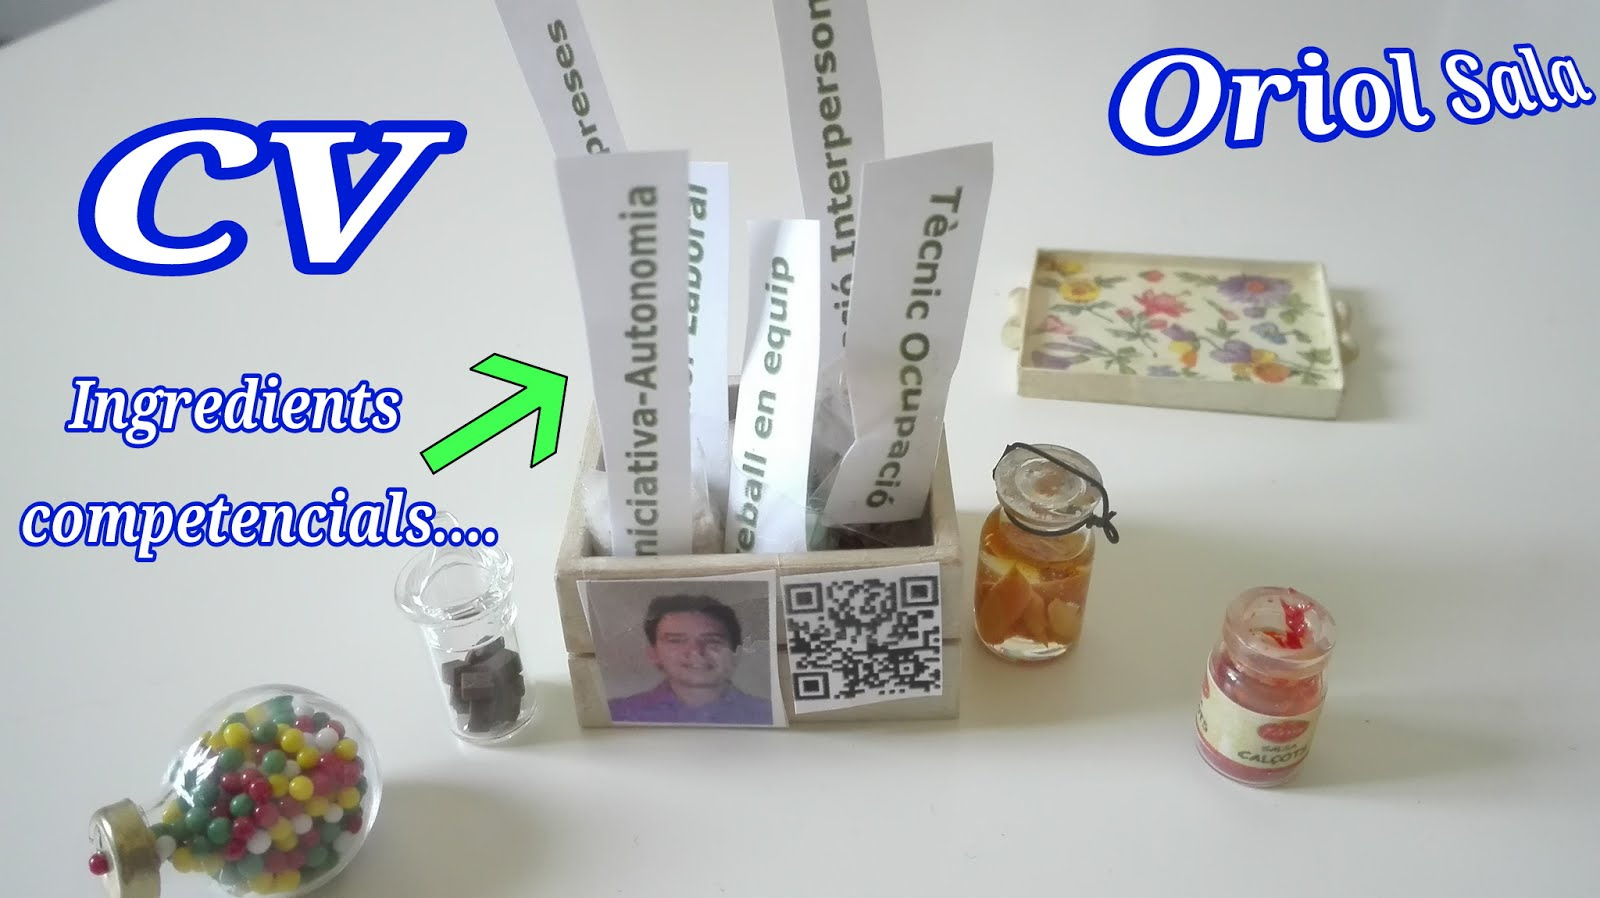 CV interactiiu: Ingredients Competencials